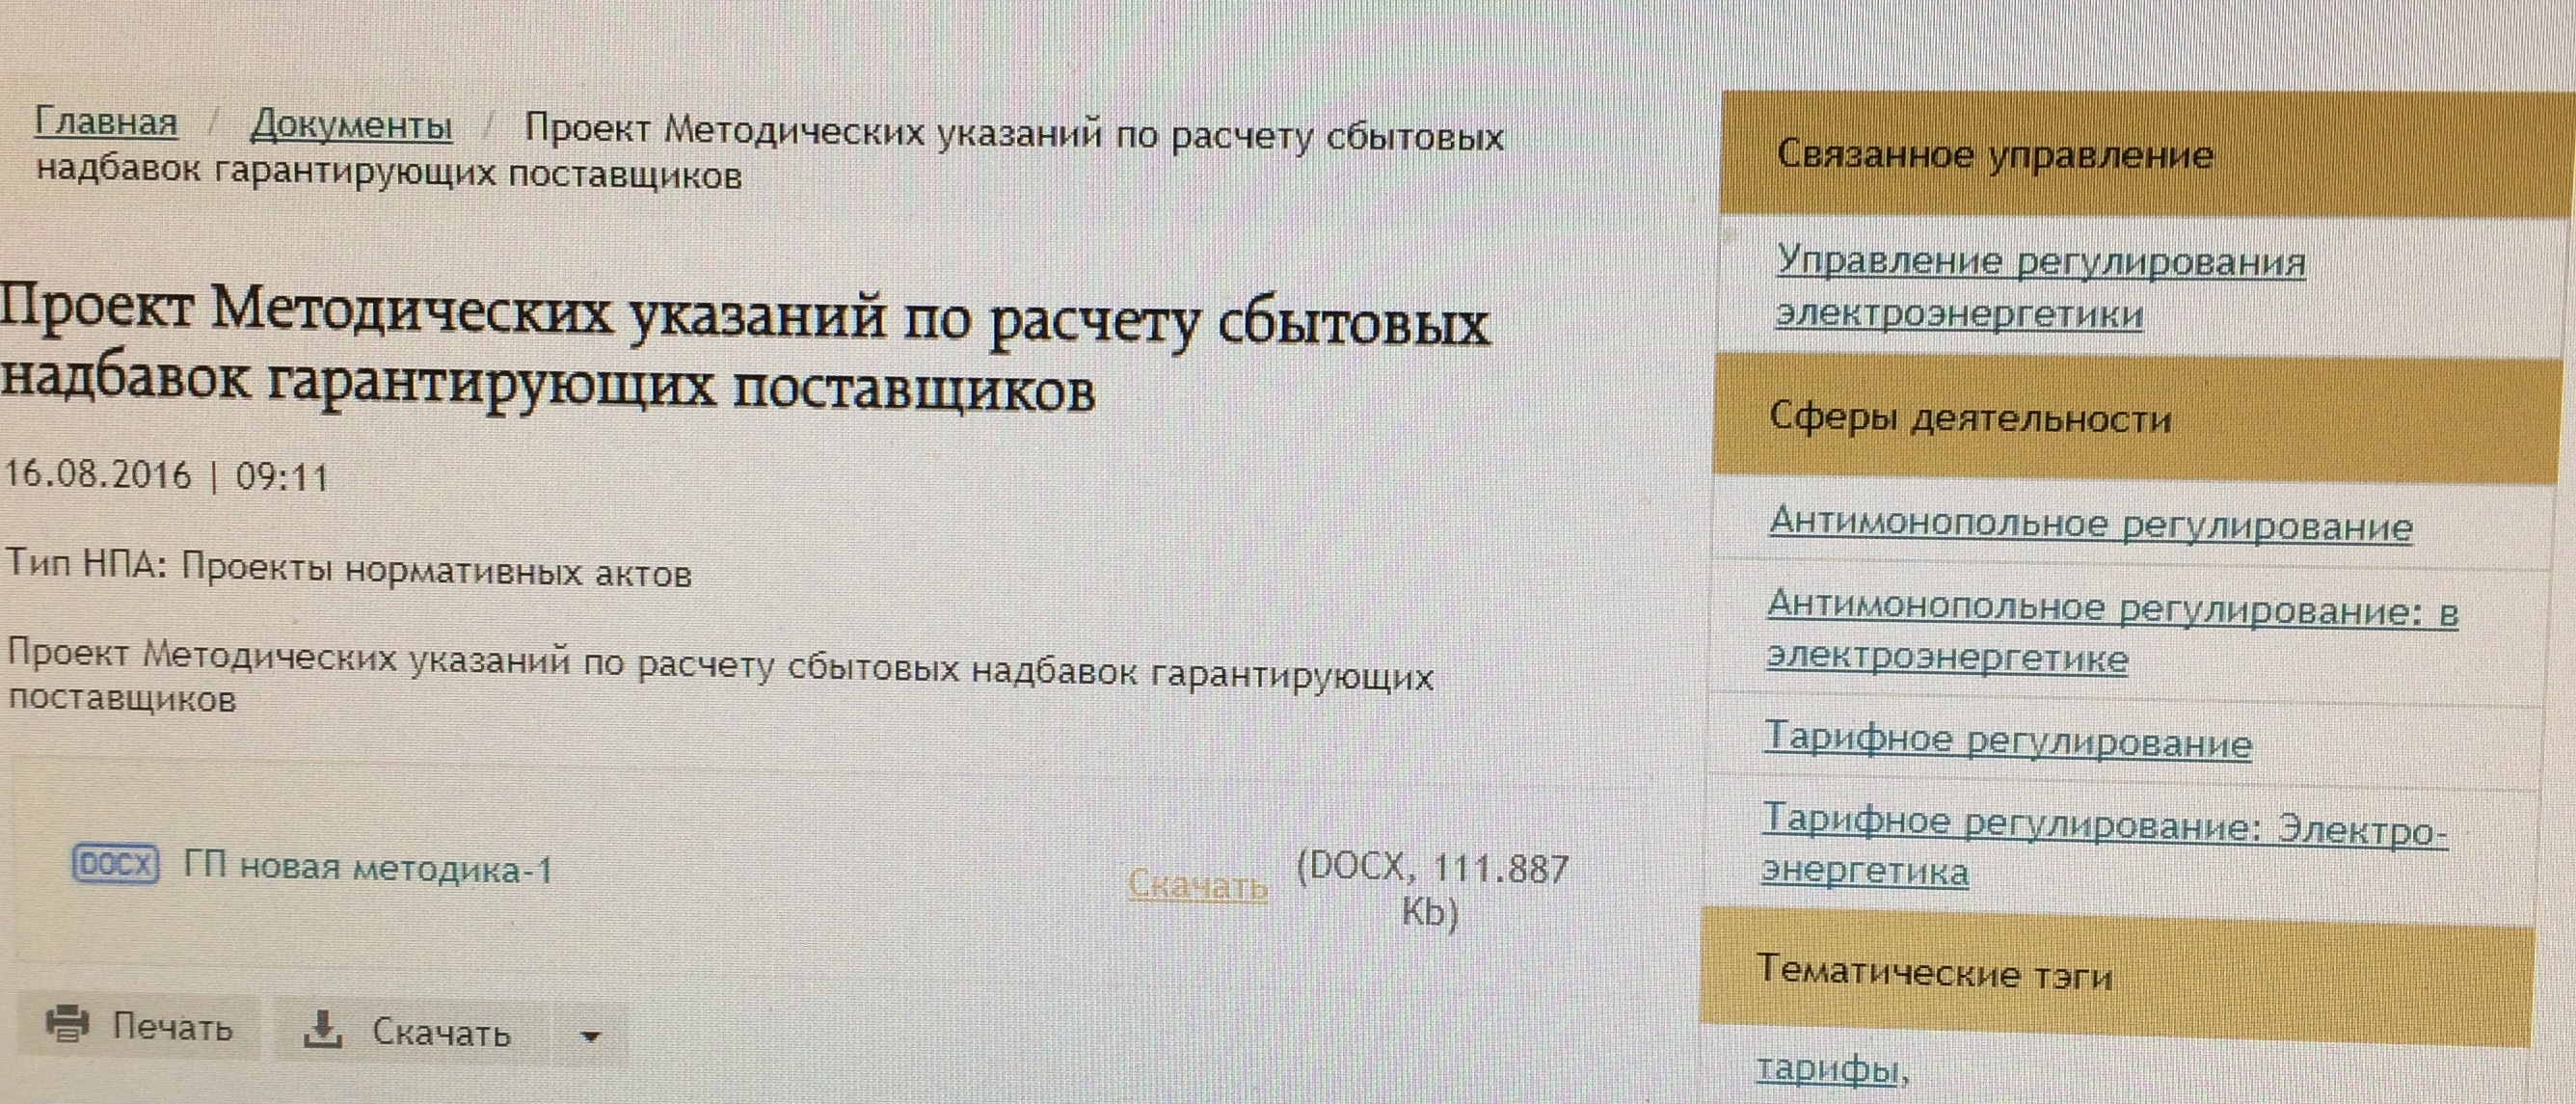 Проект методических указаний по расчету сбытовых надбавок гарантирующих поставщиков